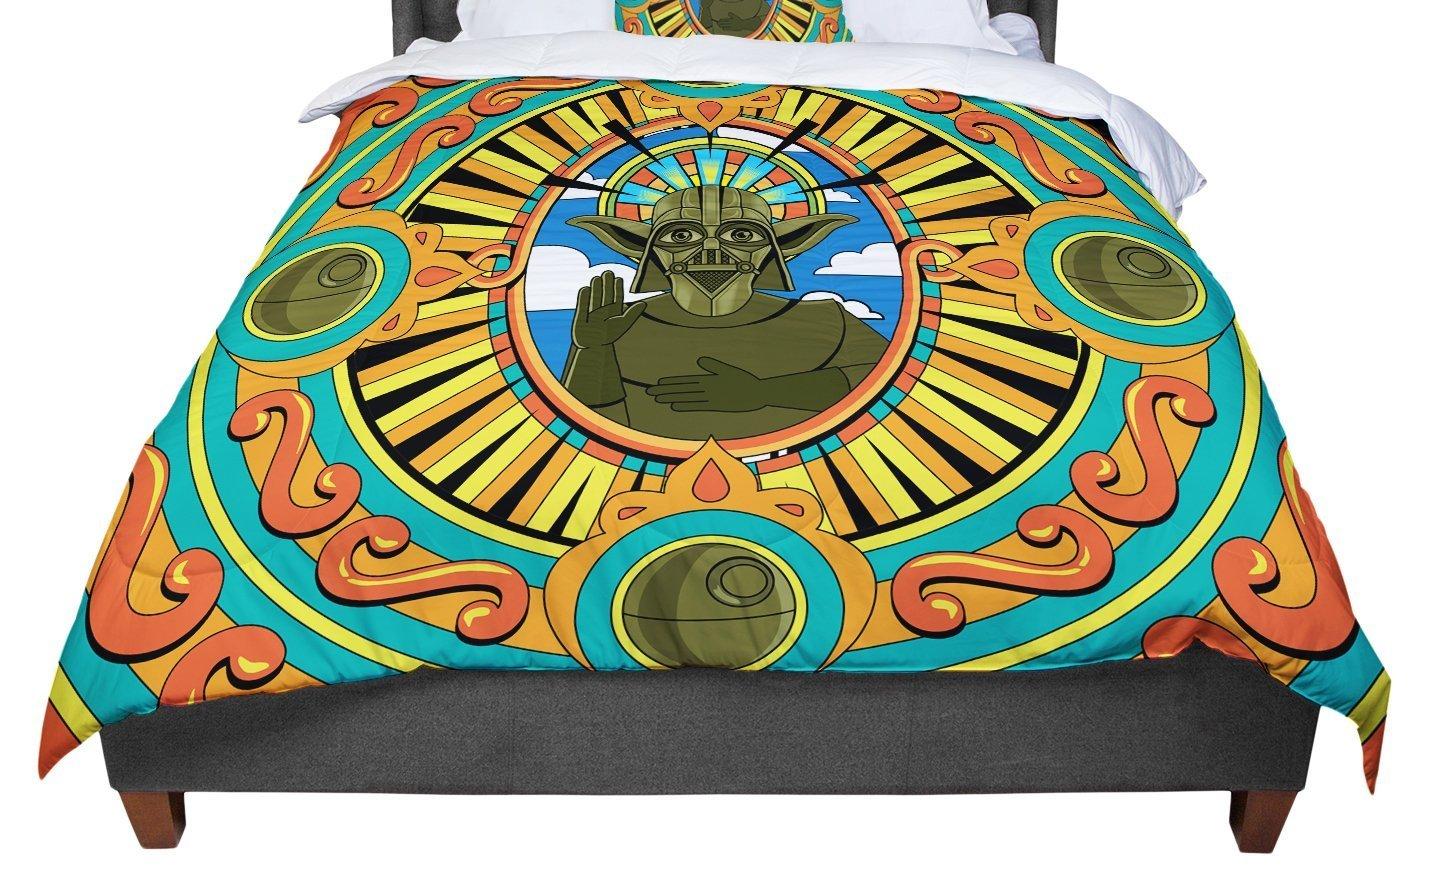 KESS InHouse RP1005ACF01 Twin Comforter Roberlan 'Darth Yoda' Star Wars Twin Comforter, 68' X 88',, [並行輸入品] B01MSF4PE0